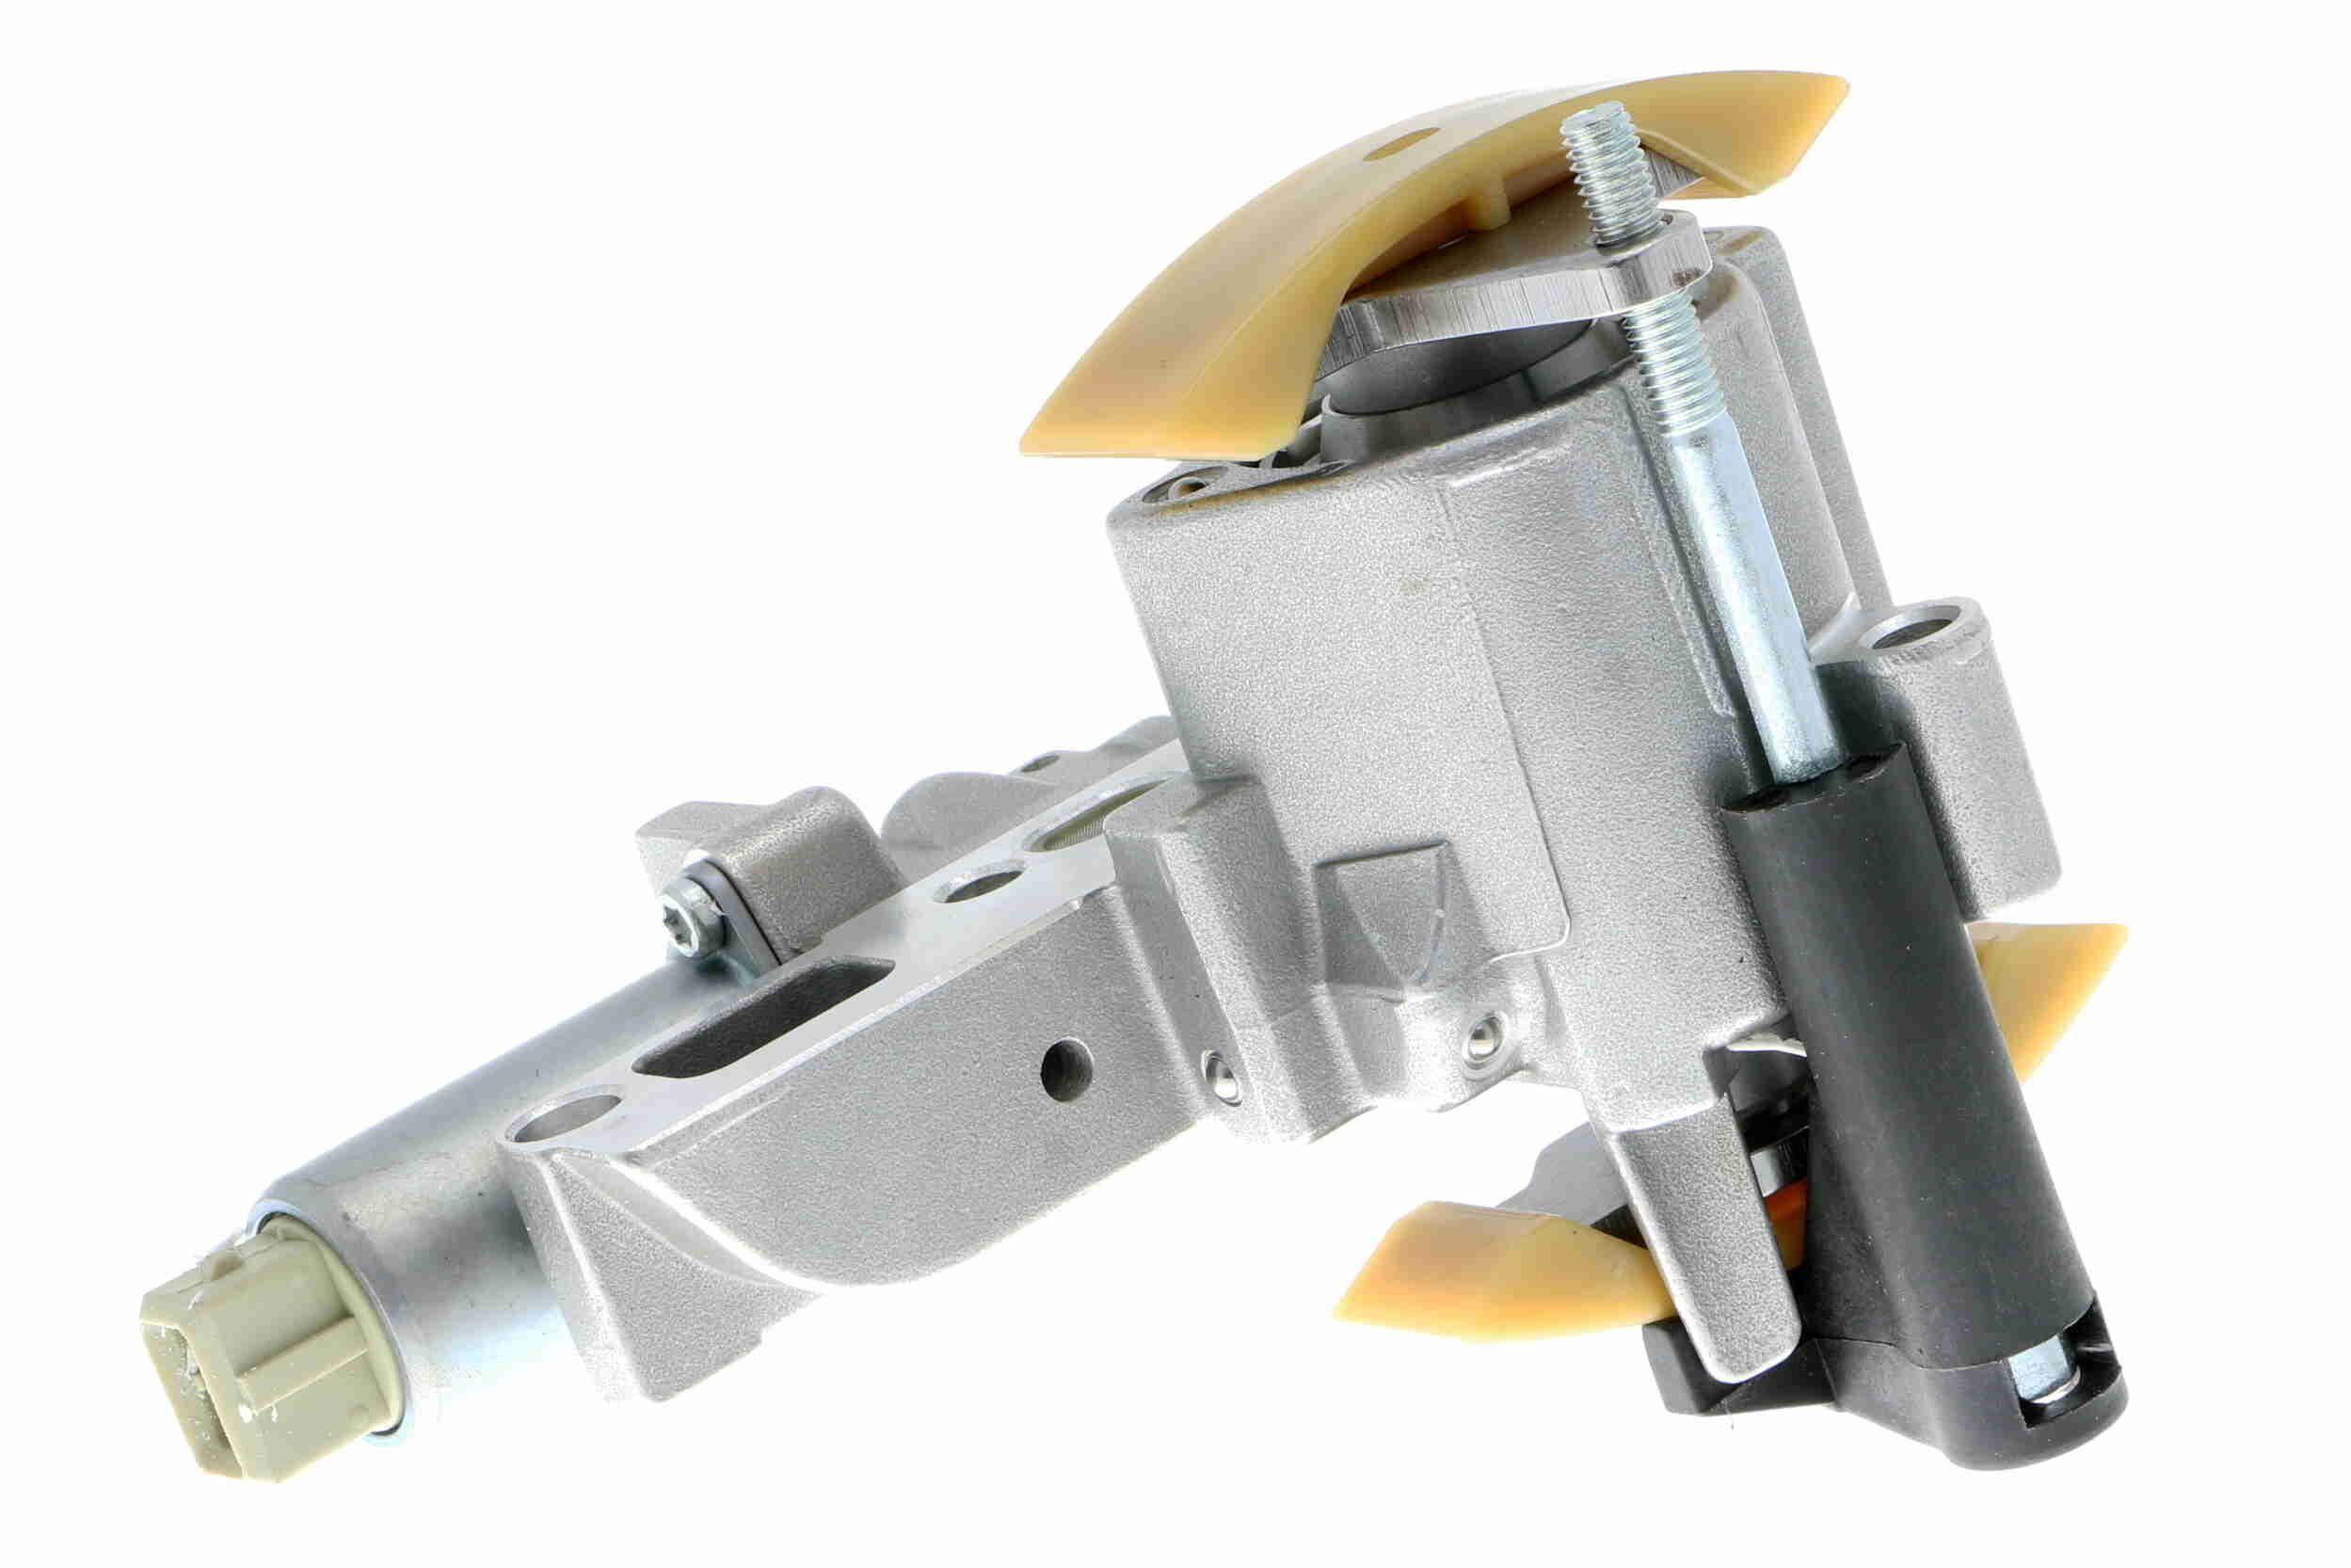 Steuerventil, Nockenwellenverstellung V10-4410 VAICO V10-4410 in Original Qualität